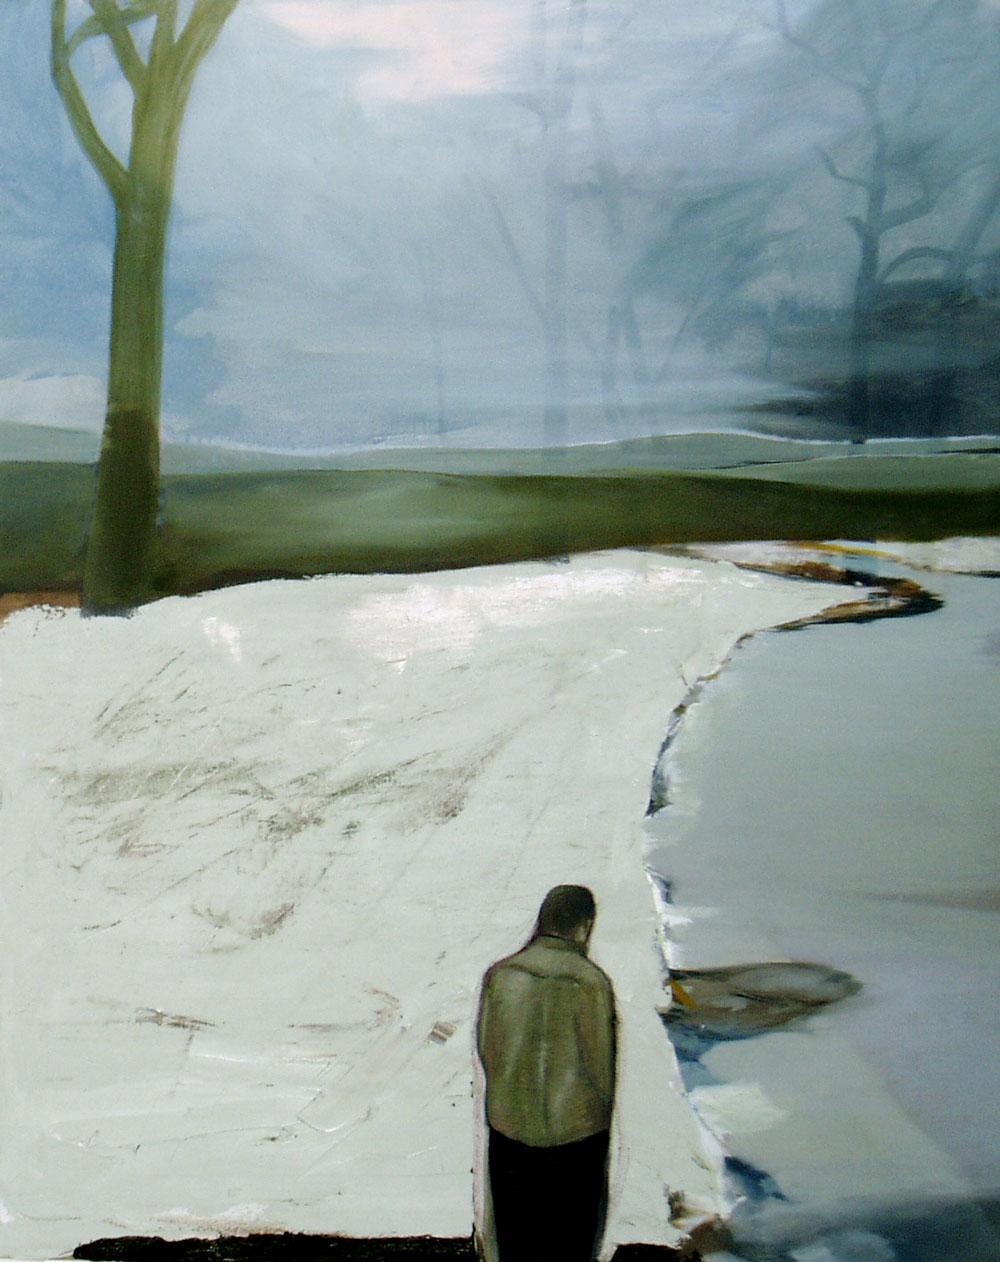 Ein Mann steht vor einer blassgrauen Winterlandschaft